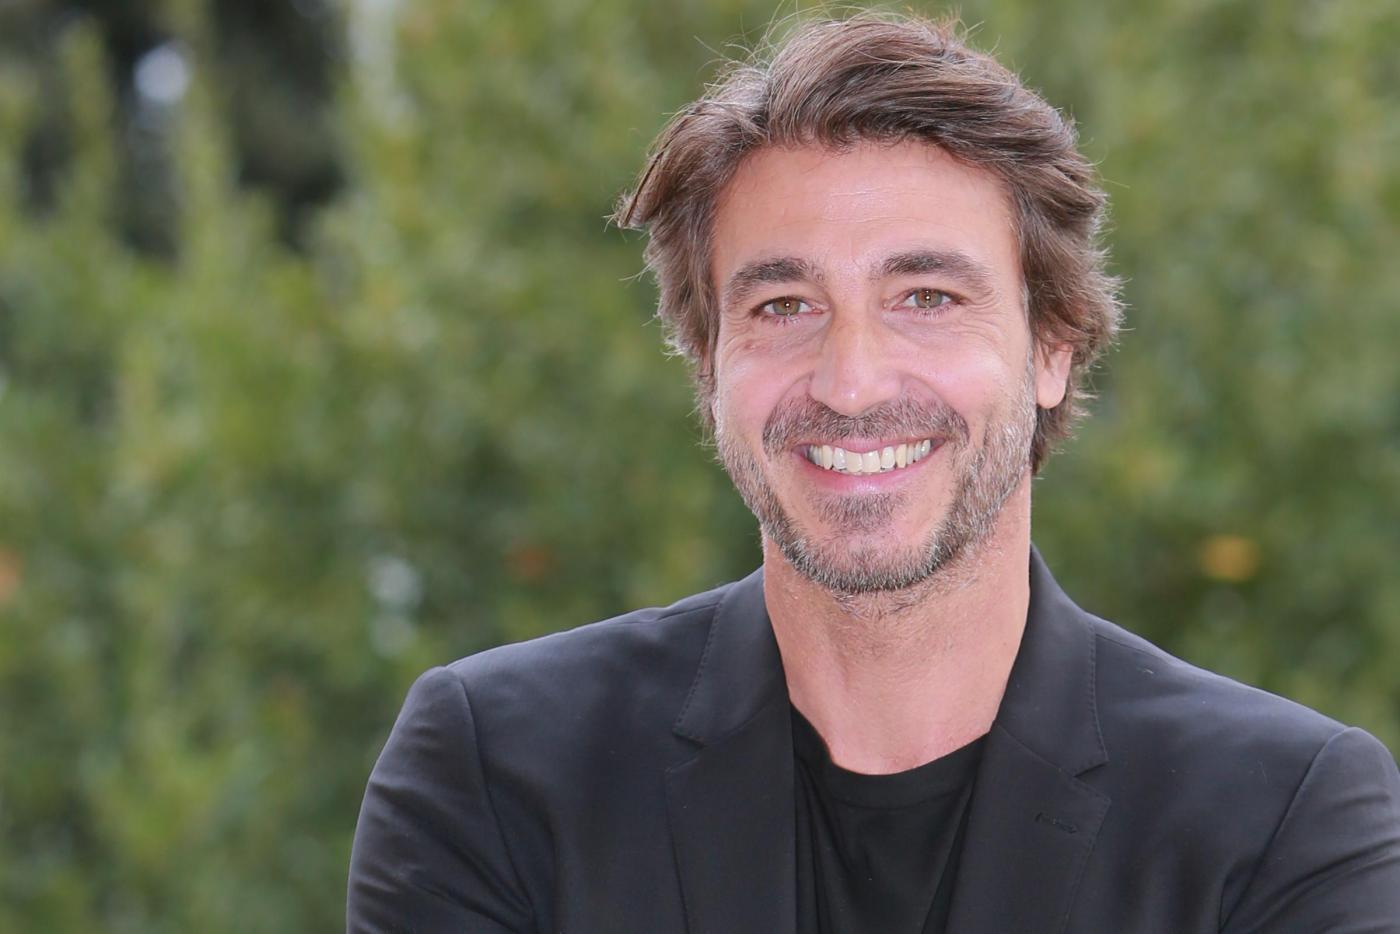 Daniele Liotti papà